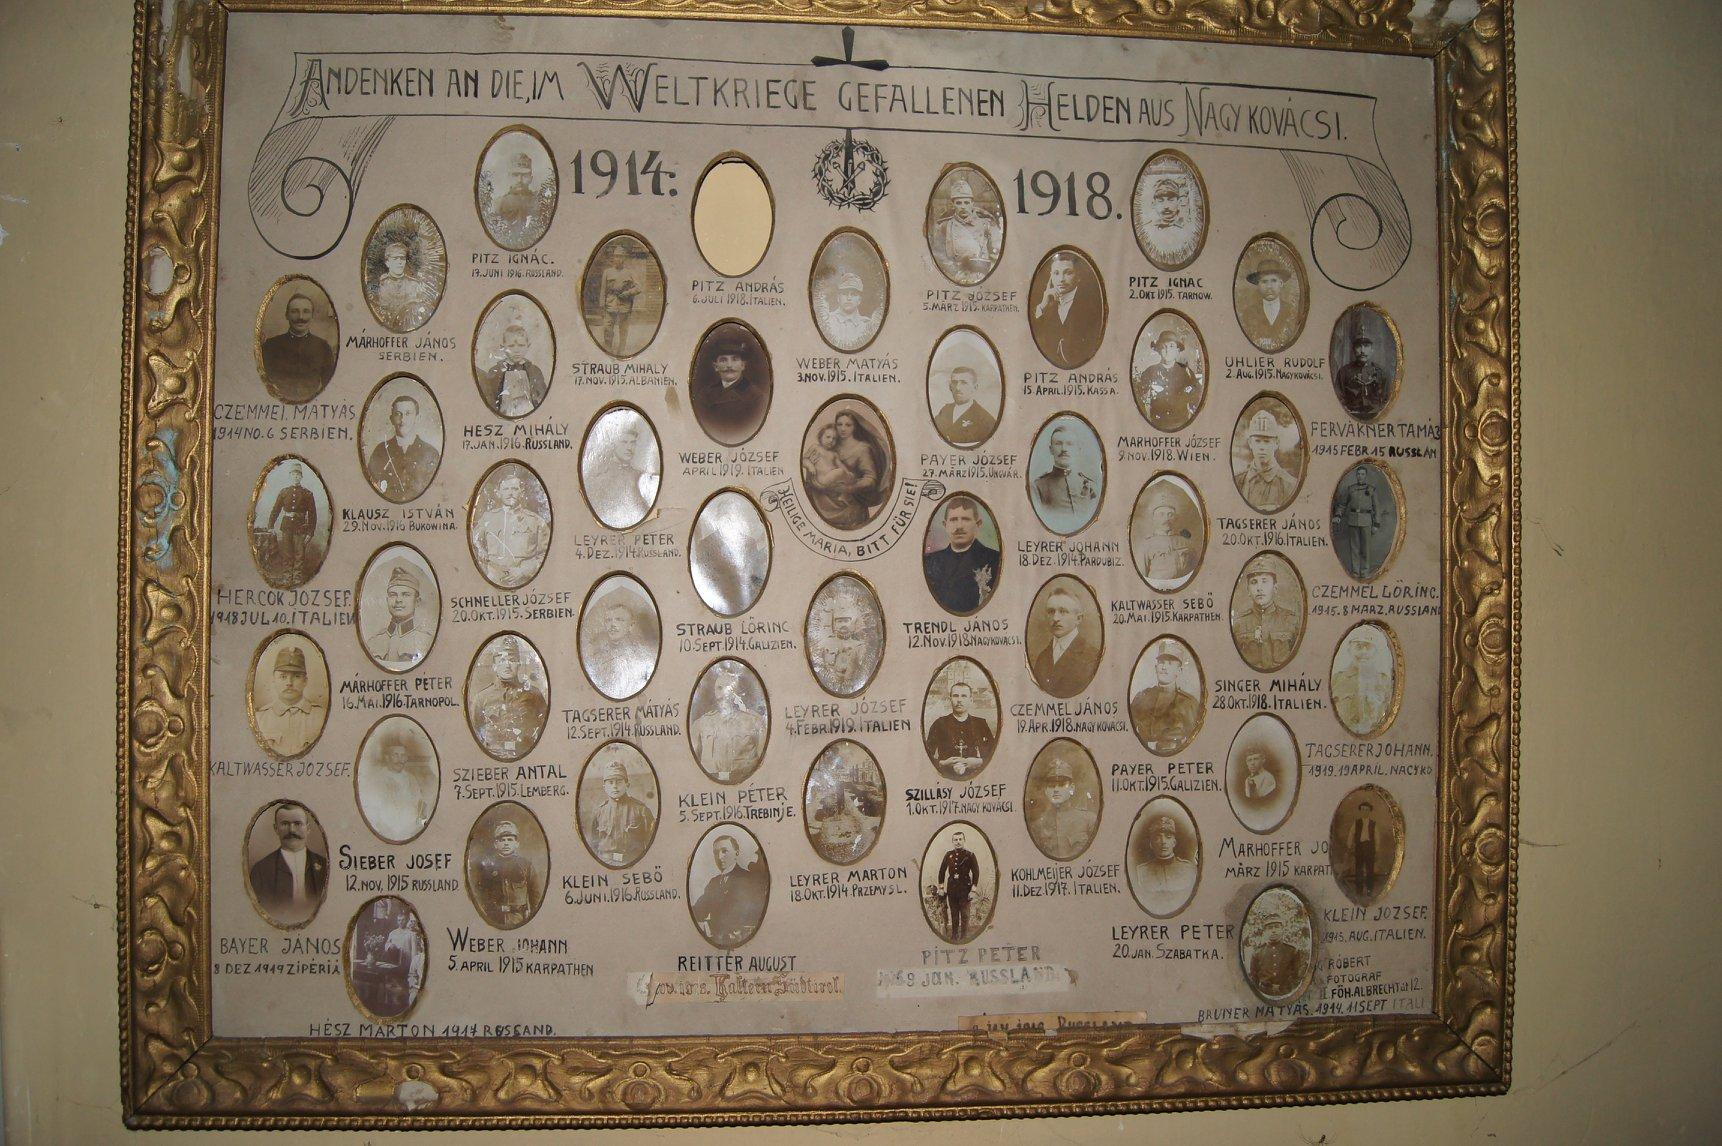 Az I. Világháború áldozatainak tablója a Hősök kápolnájában 2018. június 30.